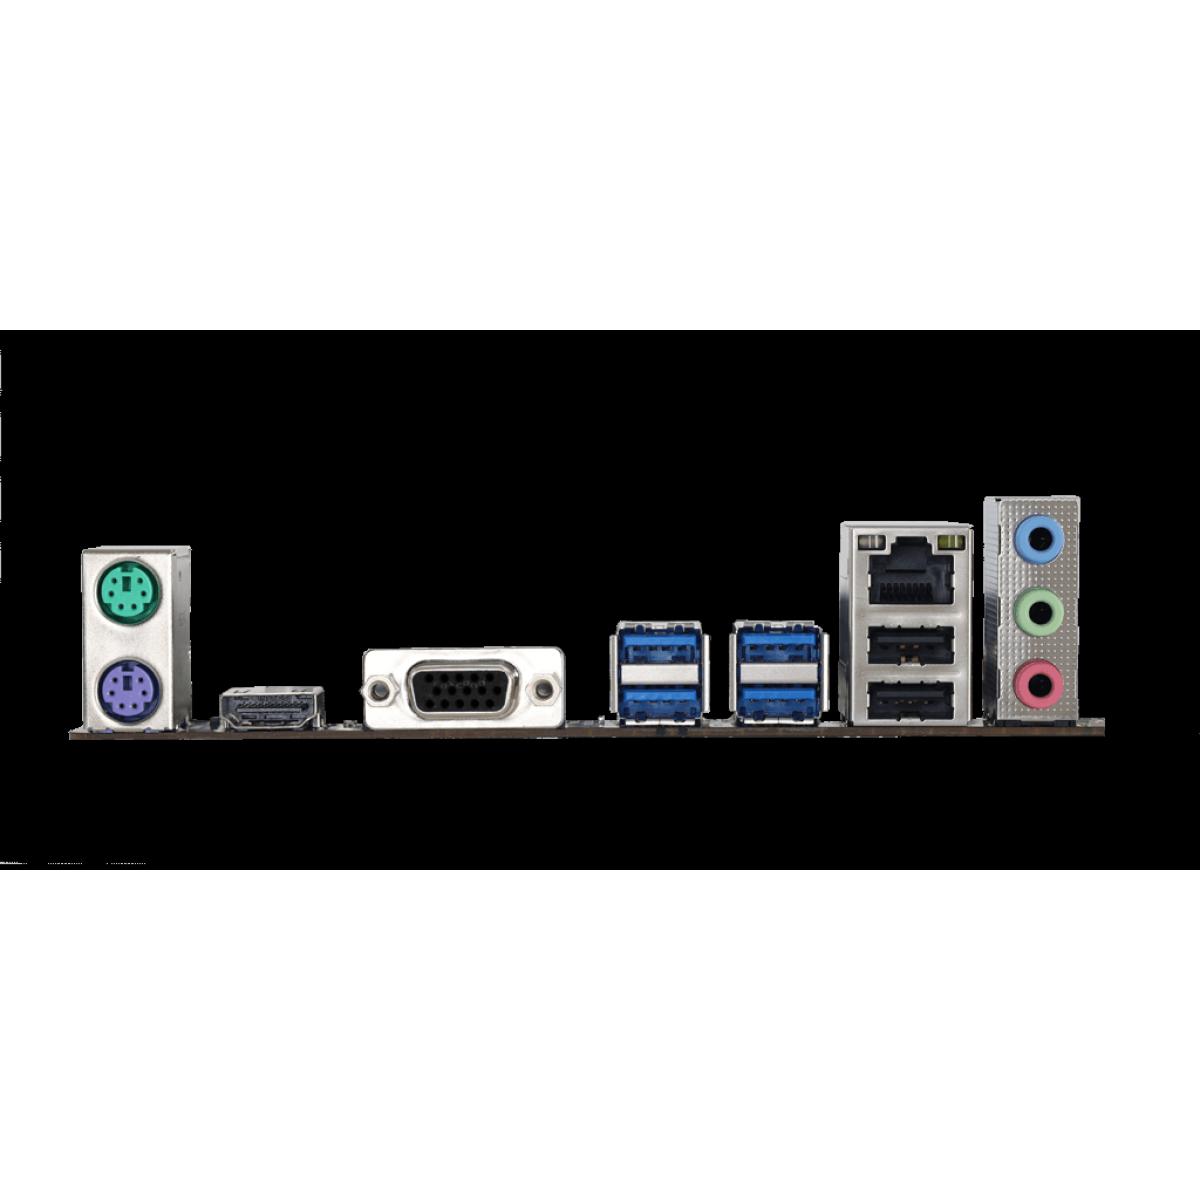 Placa Mãe Biostar B550MH, Chipset B550, AMD AM4, mATX, DDR4, AB55AM4S-R02-BS212X